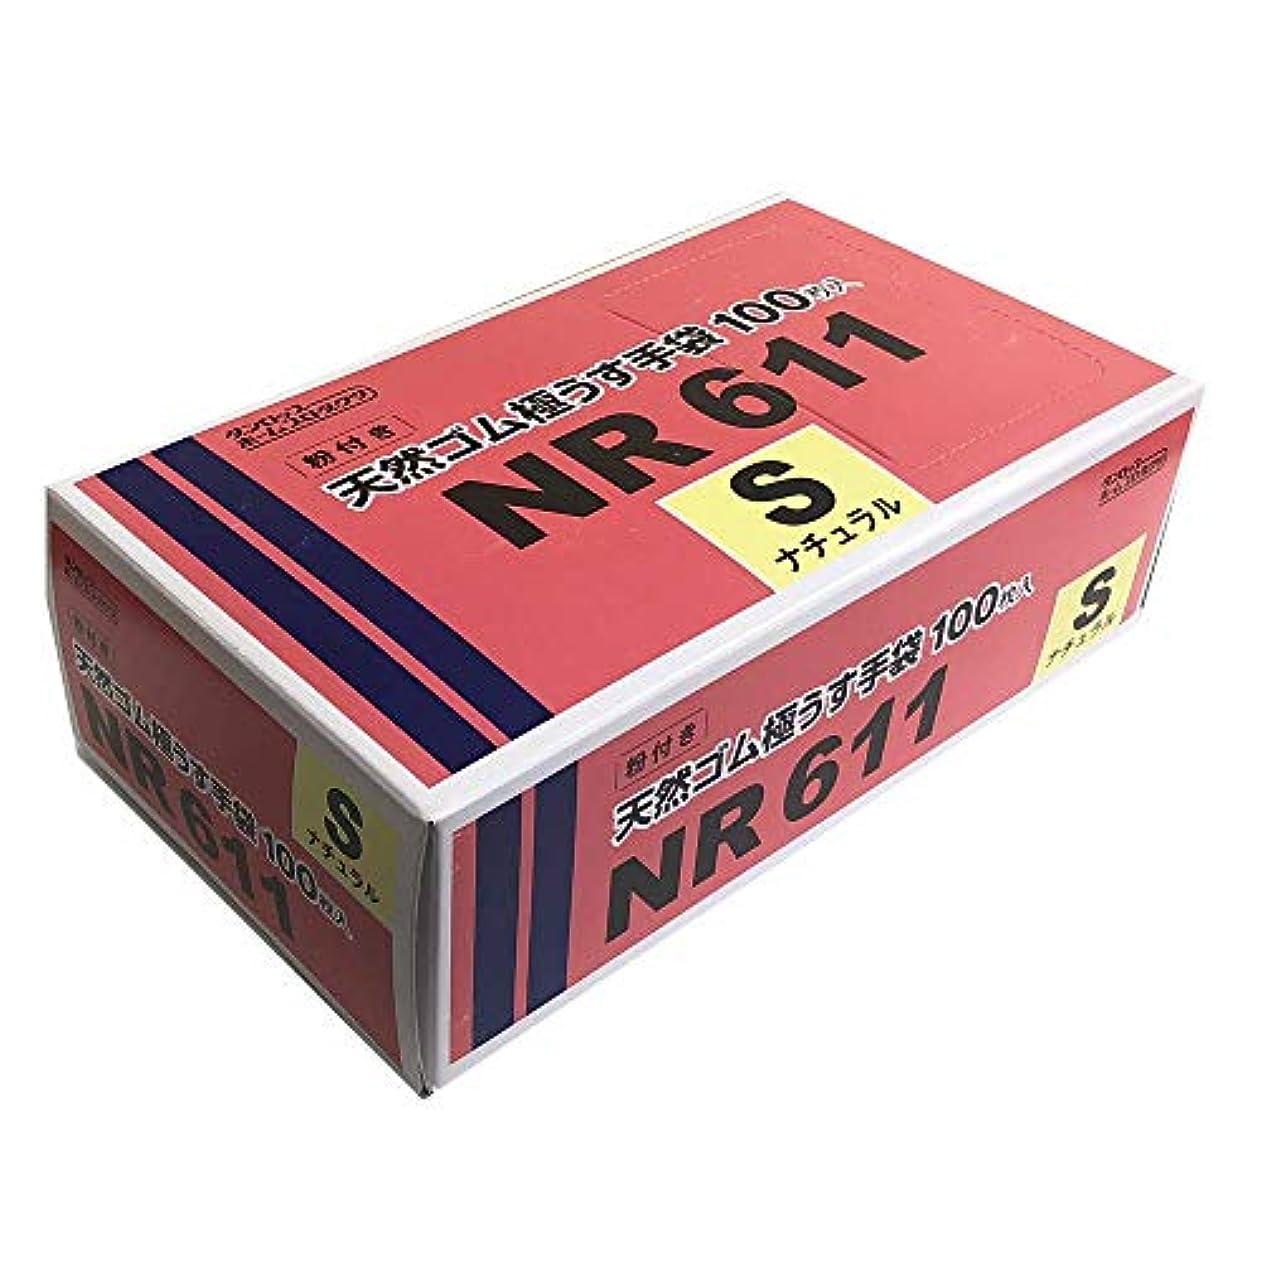 ランク市の中心部絶滅したDP NR611 粉付天然ゴム極薄手袋S-N ×20個